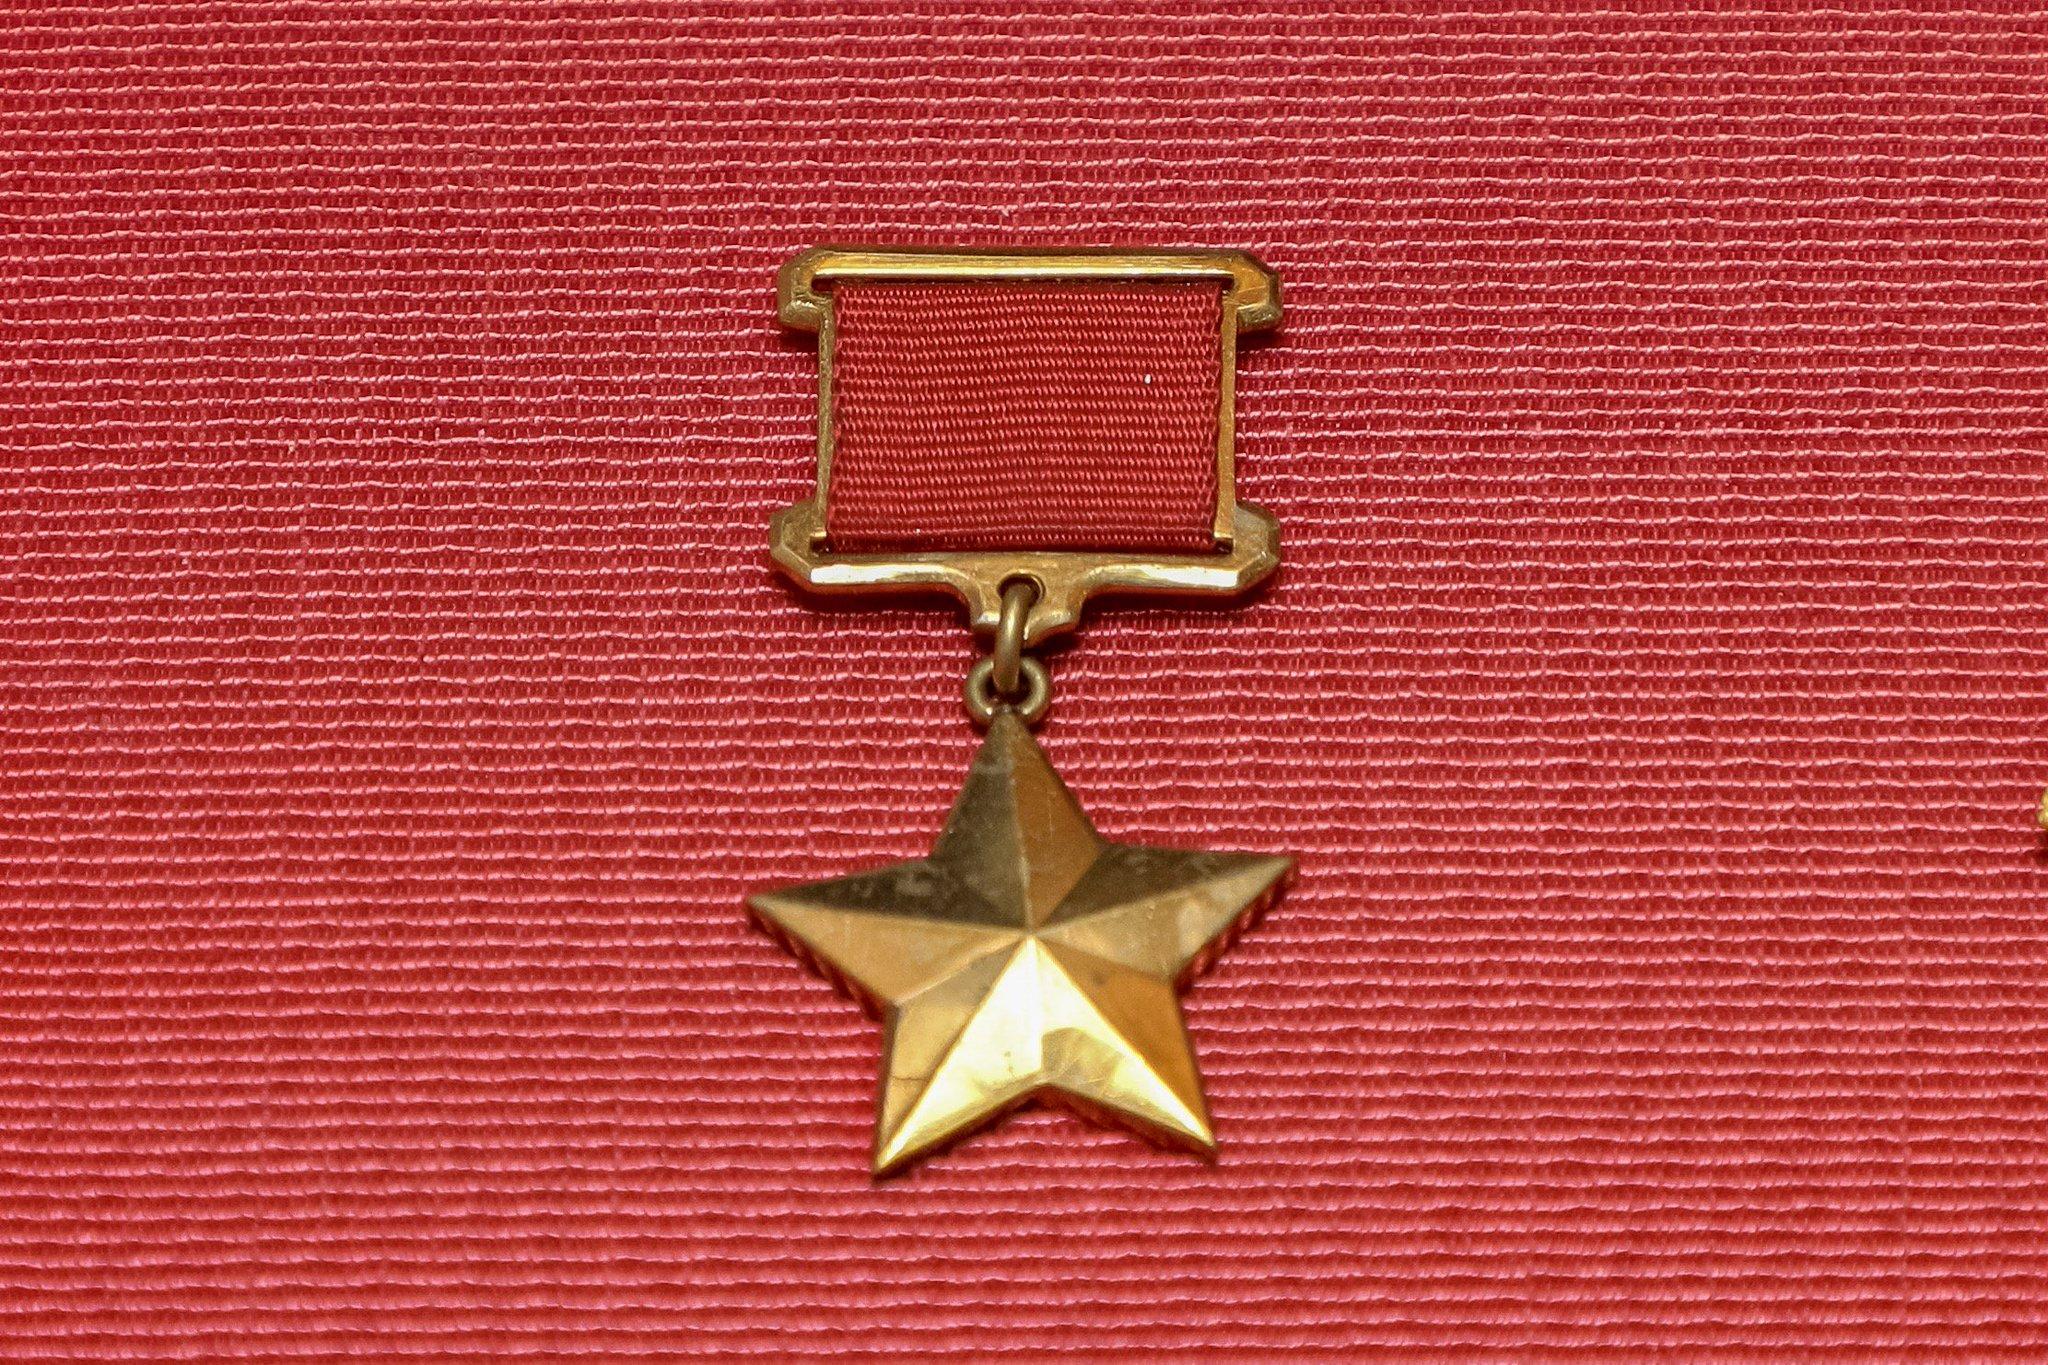 всех фотография наград героя советского союза как все новые